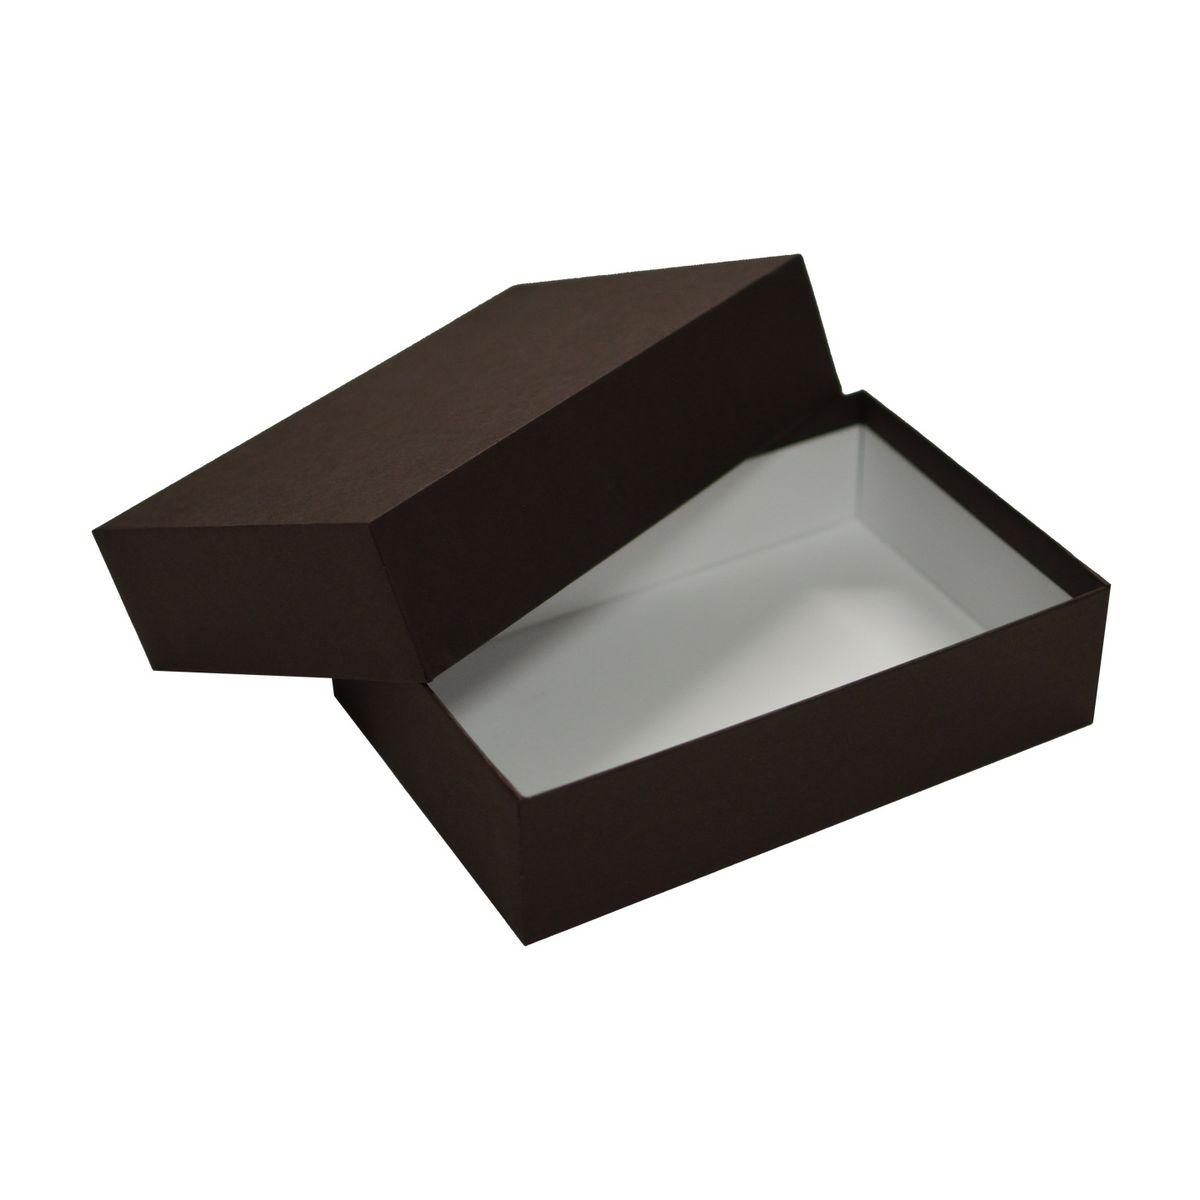 ラッピング用品 梱包資材 ラッピング箱 梱包箱 ギフトボックス 手作り 材料 至上 ブラウン 01 取寄 ピタットボックス 10%OFF 36-88002-34 34 東京リボン